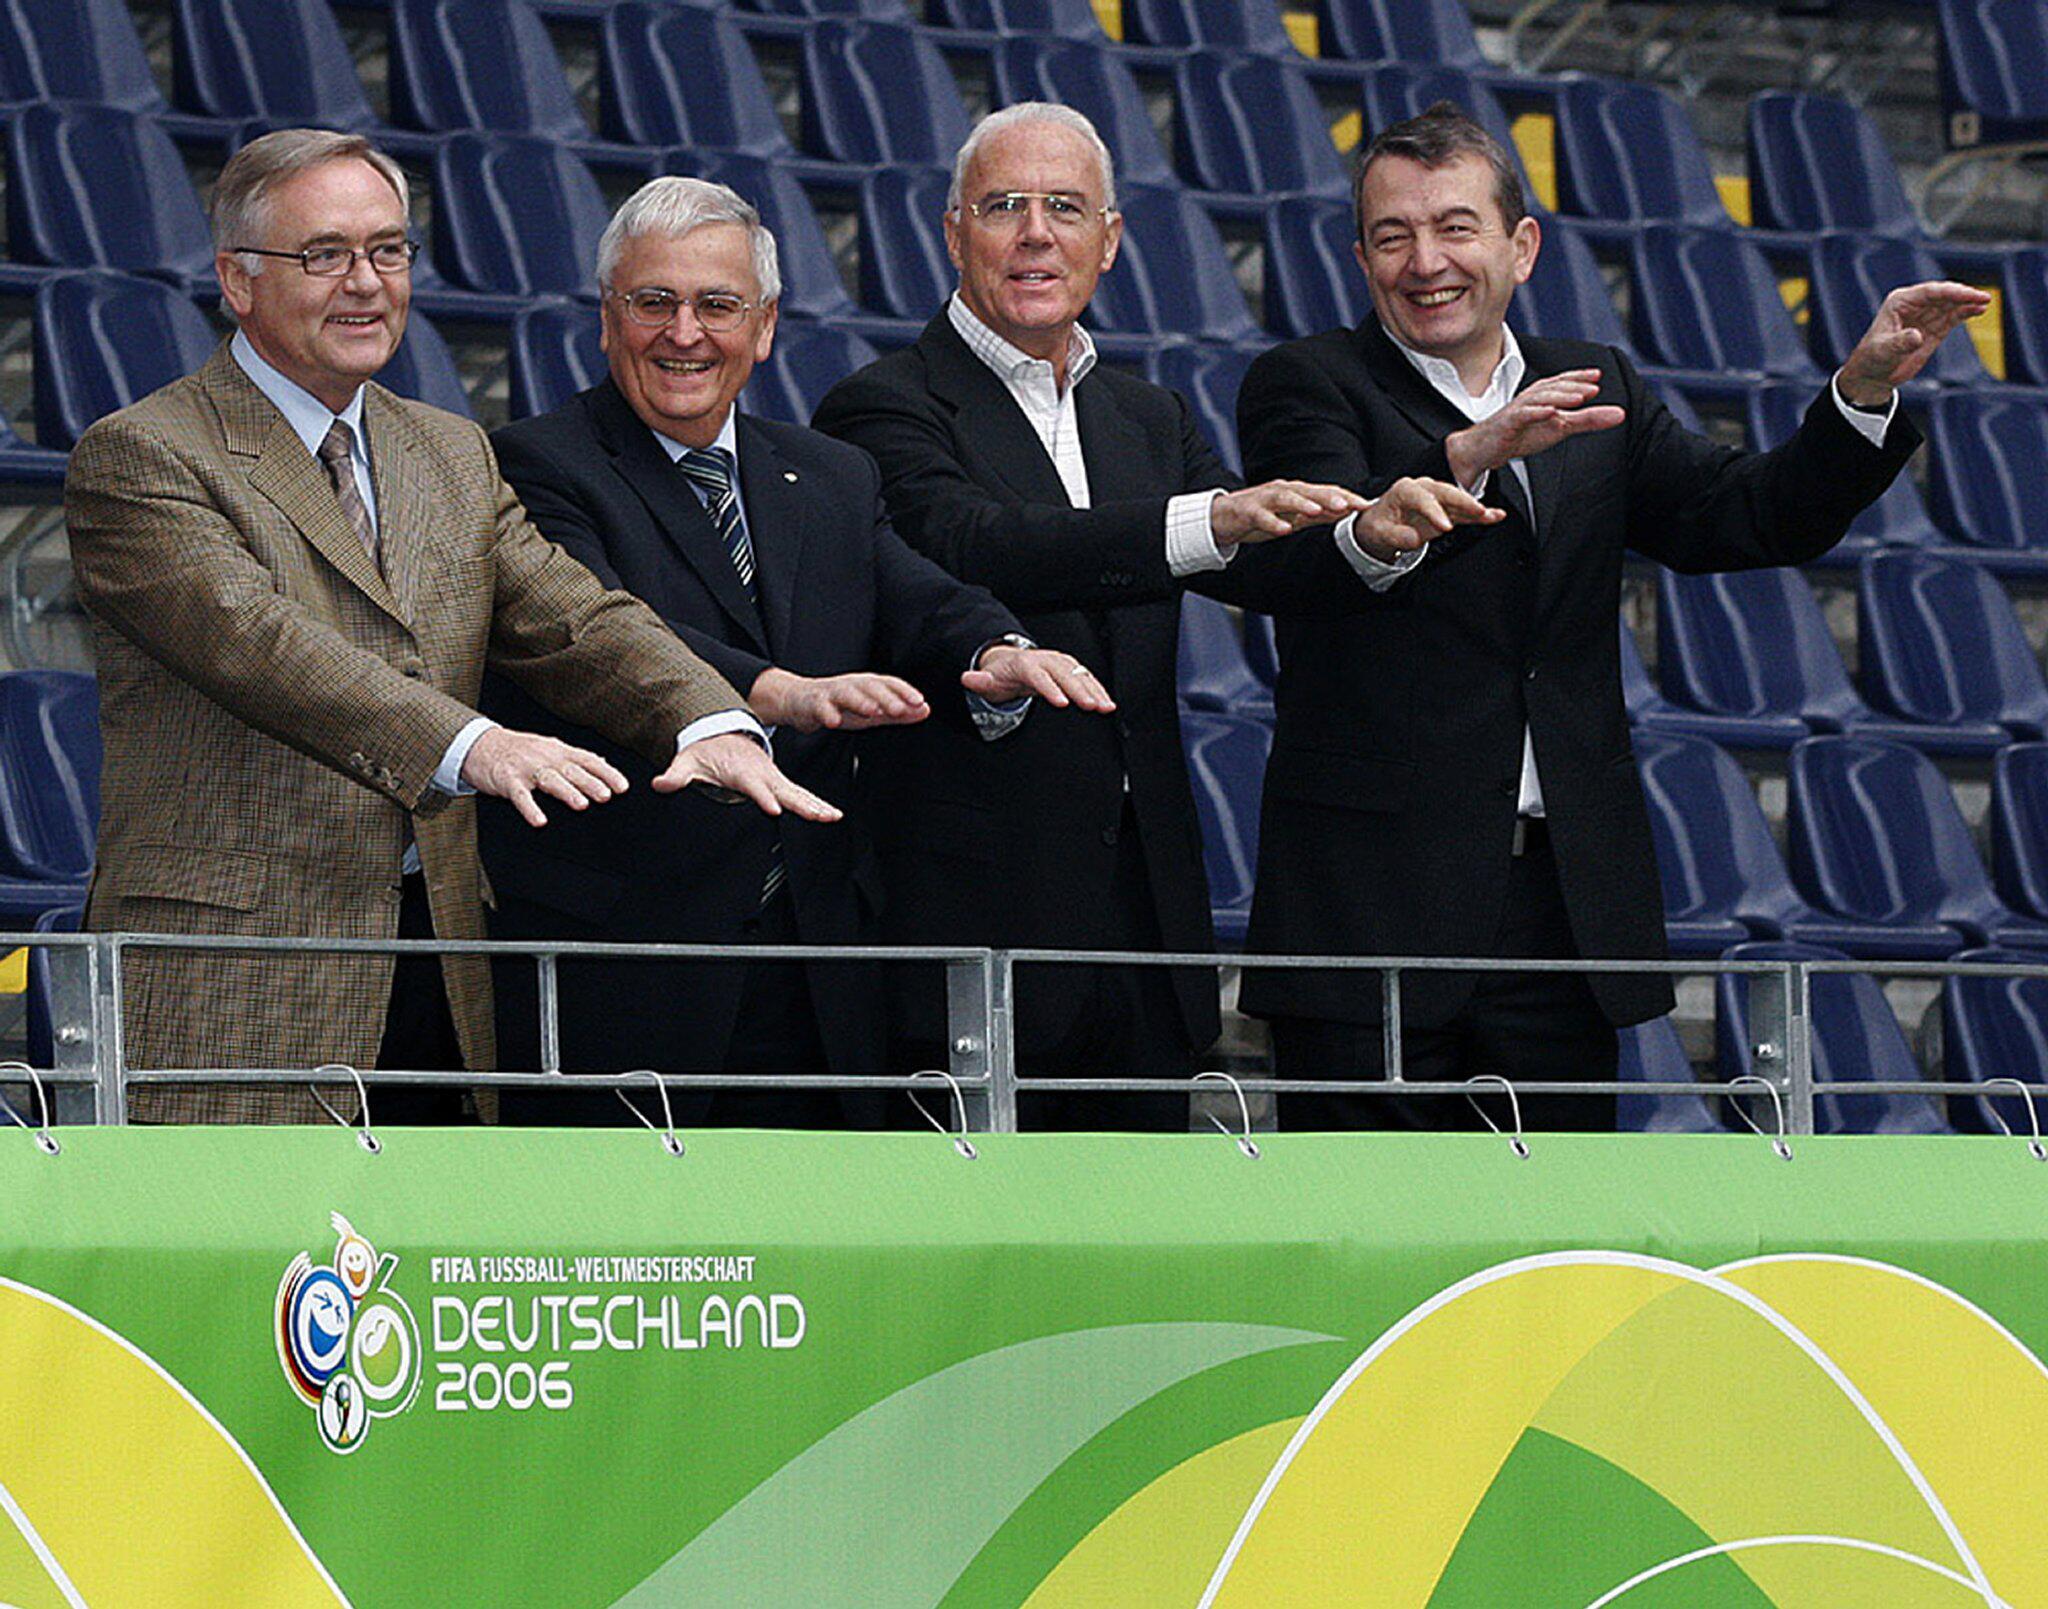 Bild zu Organisationskomitee Fußball-WM 2006